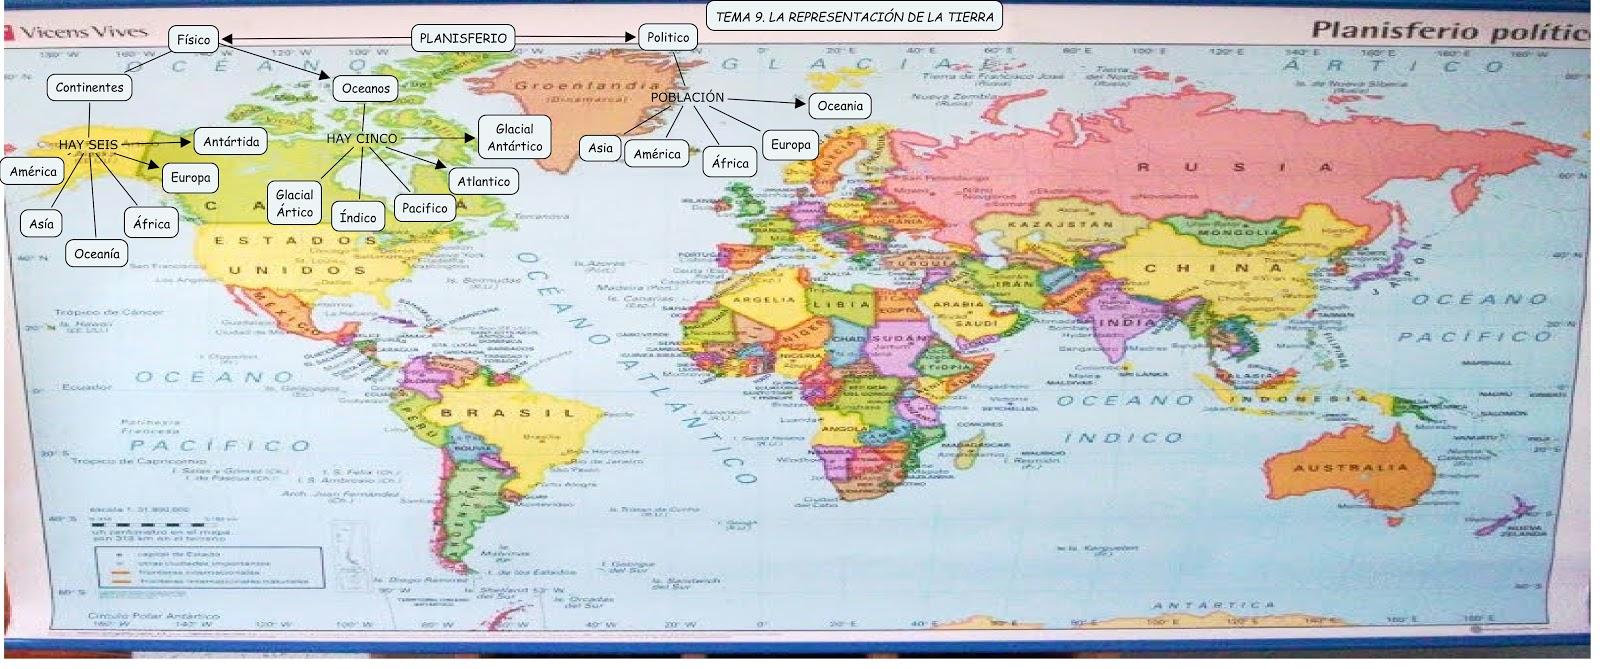 El mundo de Lucia Palacios: LOS PLANISFERIOS PLOTICOS Y FISICOS